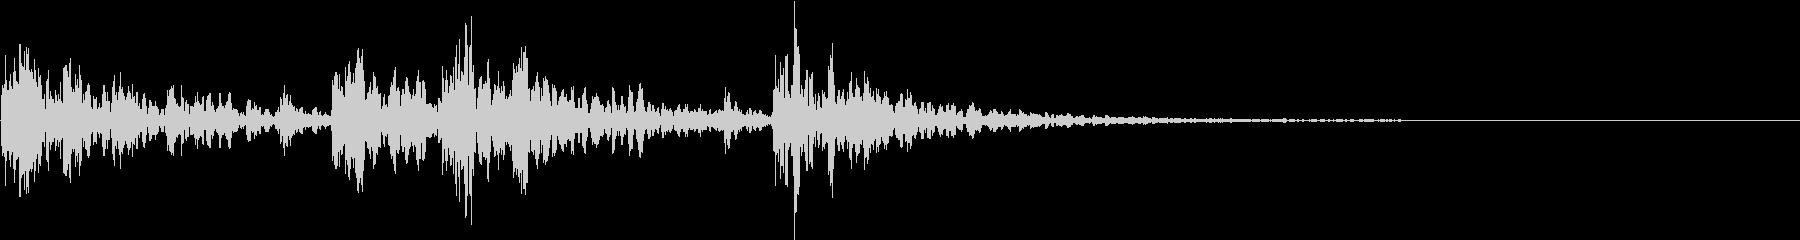 シネマ_001の未再生の波形